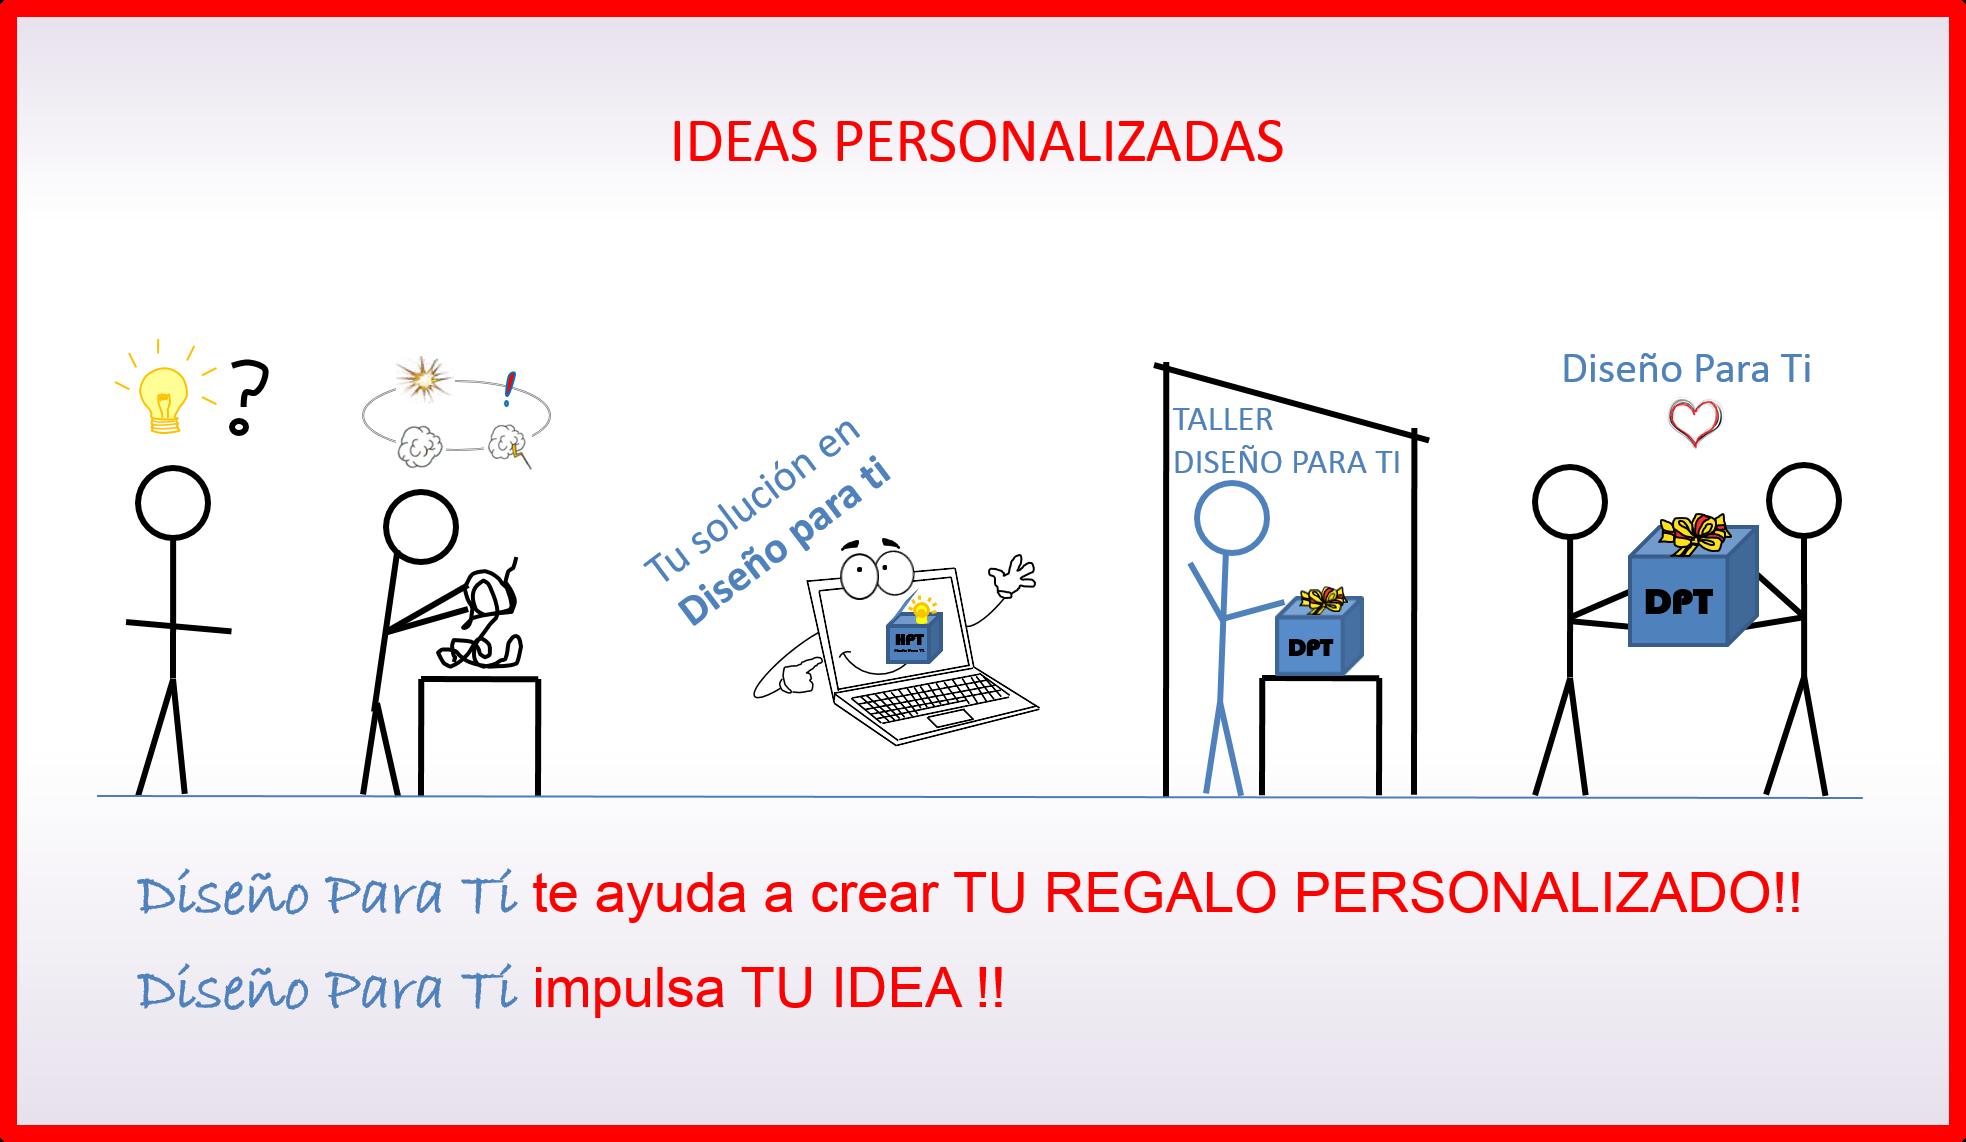 Área Idea Personalizada